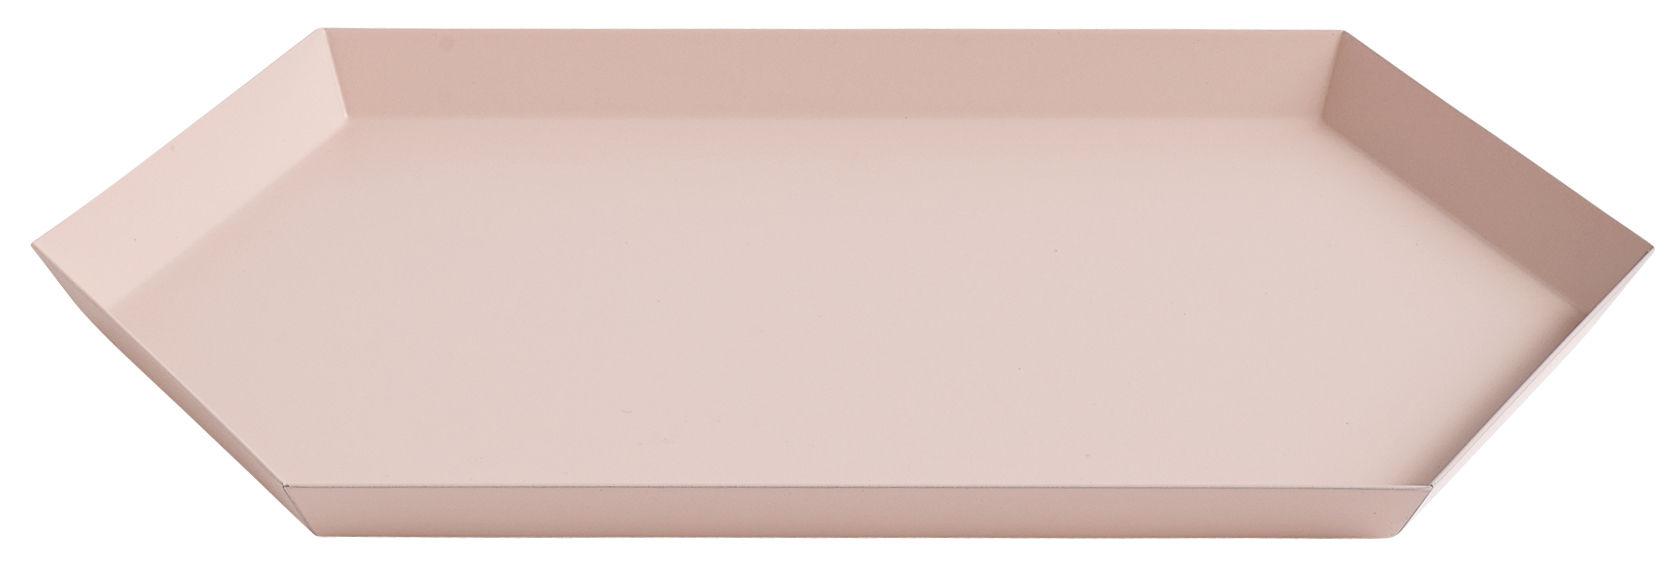 Arts de la table - Plateaux - Plateau Kaleido Medium / 33,5 x 19,5 cm - Hay - Pêche - Acier peint